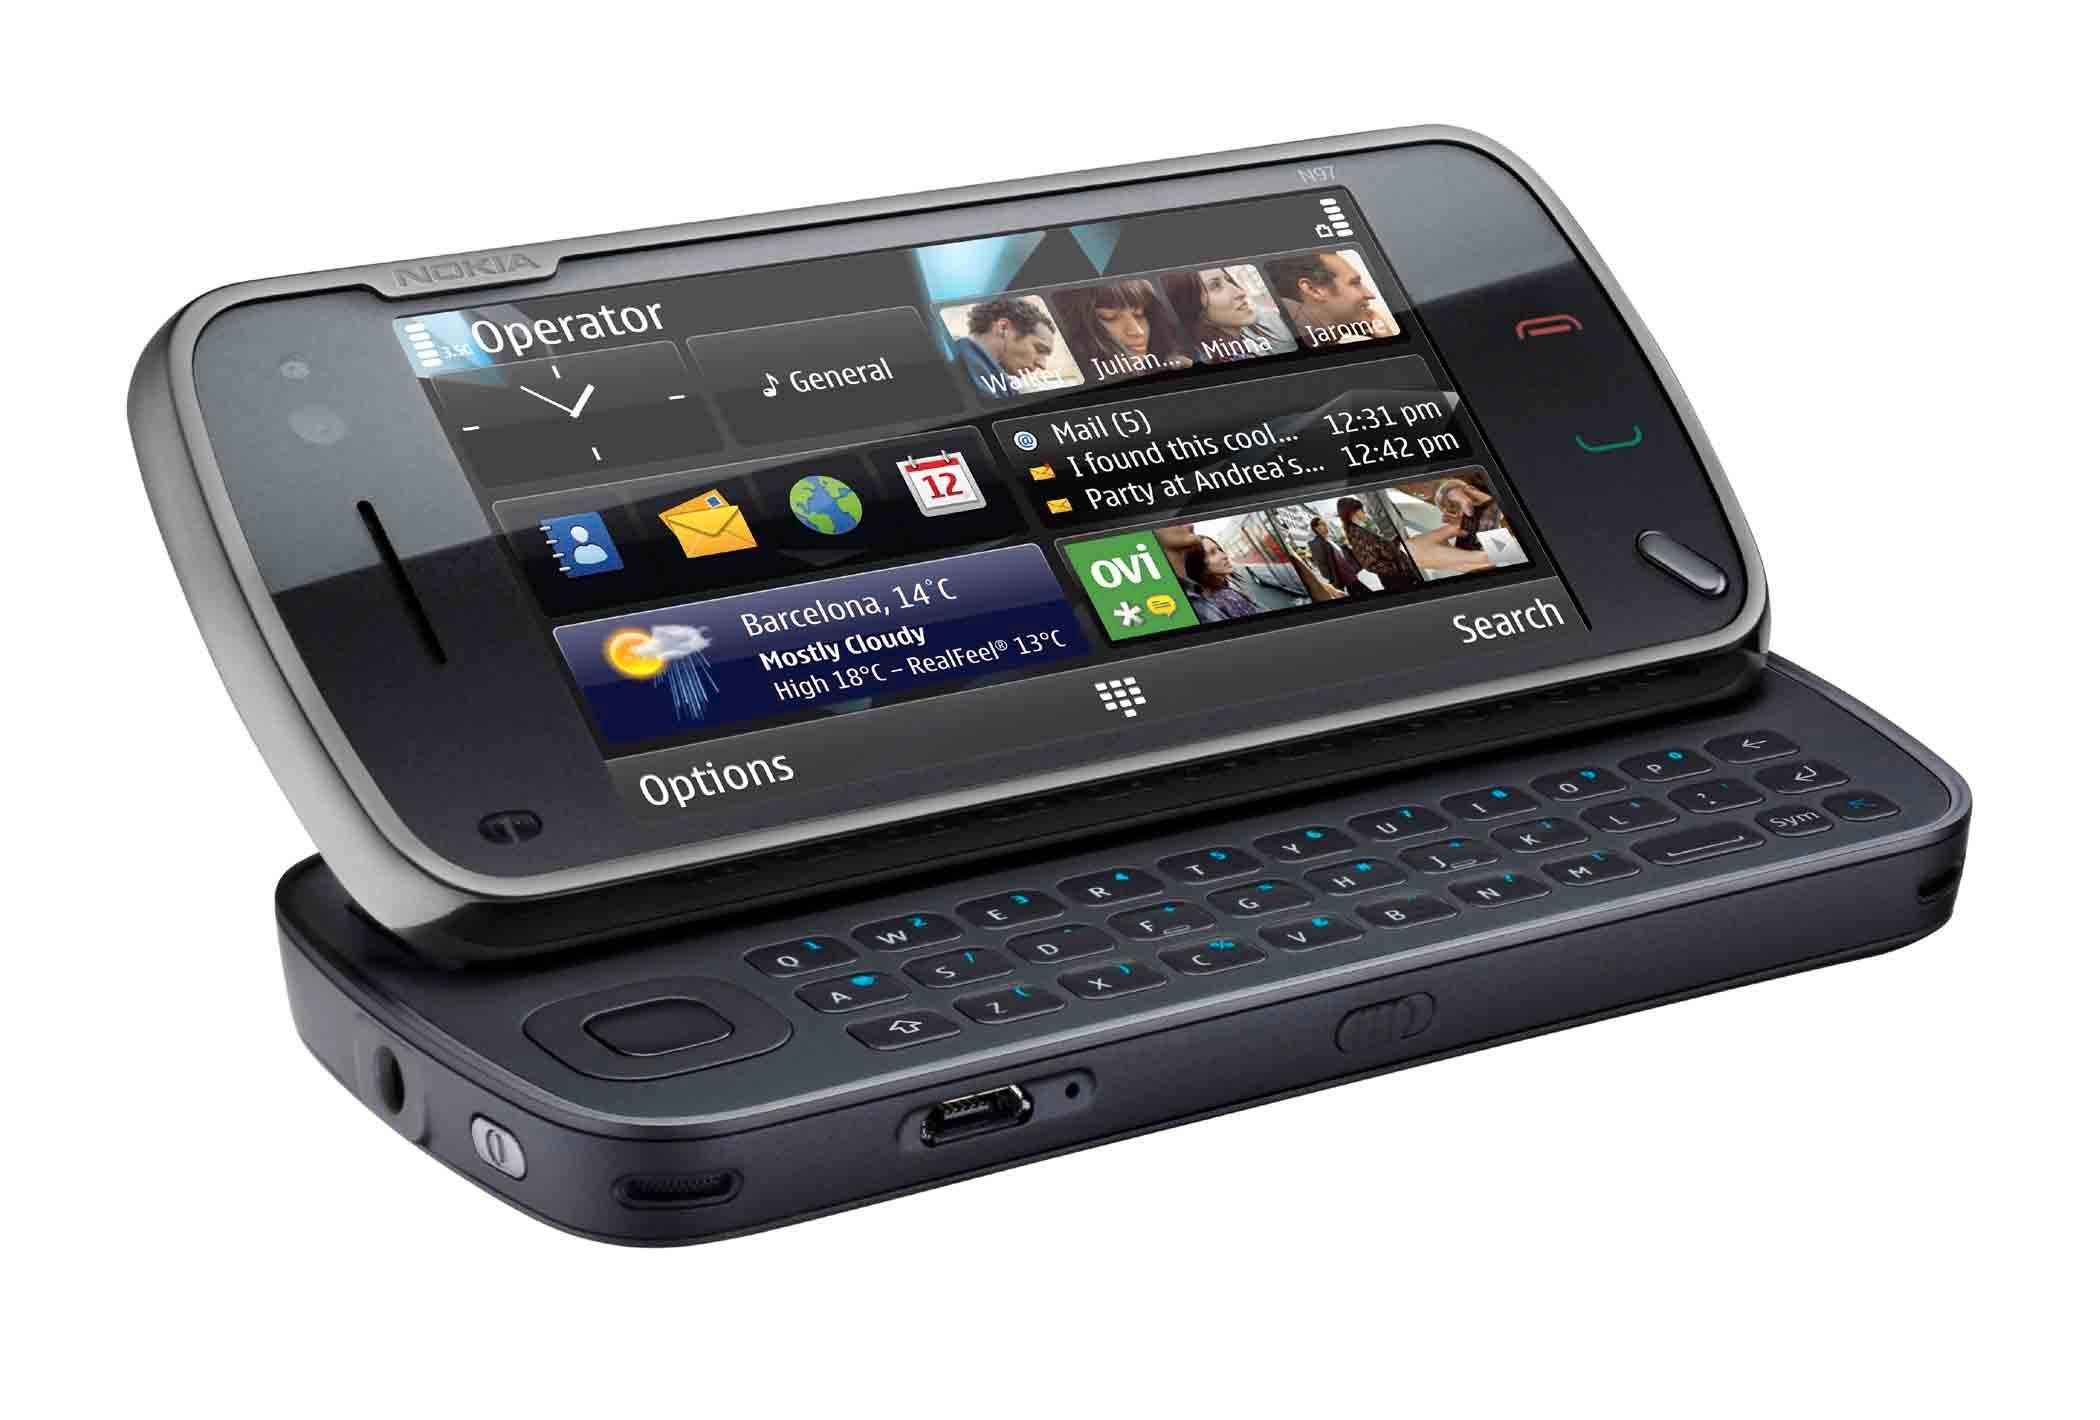 Nokia N97 ble en av Nokias siste toppmodeller med Symbian. Men den kunne ikke hamle opp med iPhone på brukervennlighet.